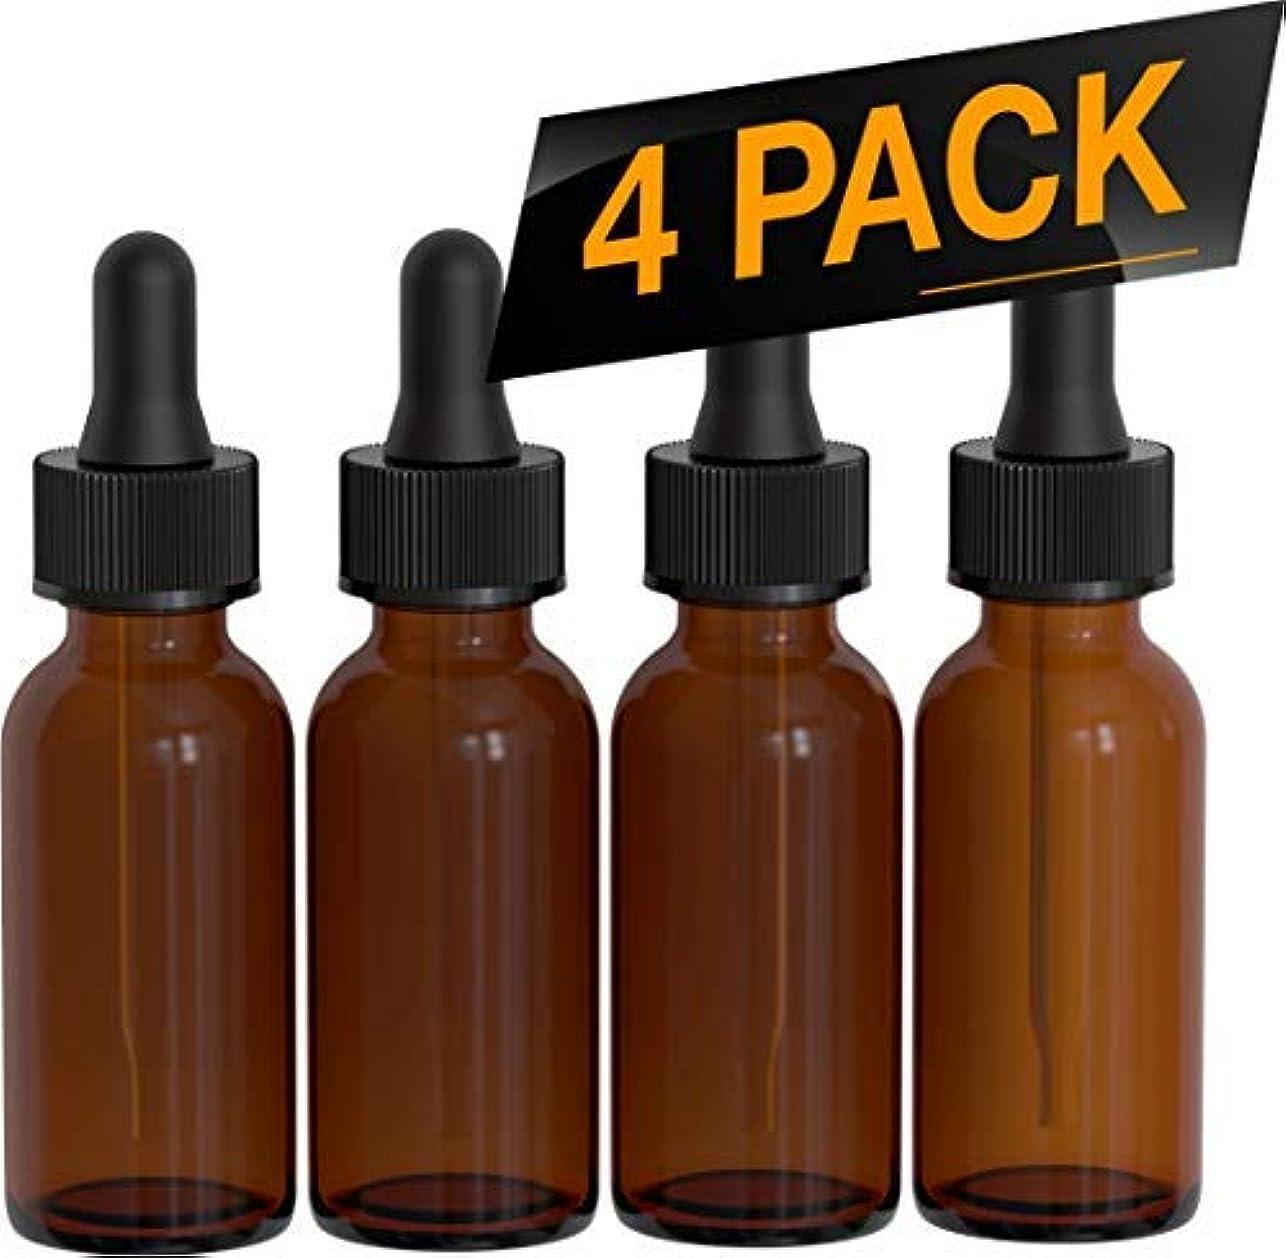 洞察力宗教的なまどろみのある4 Pack Essential Oil Roller Bottles - Round Boston Empty Refillable Amber Bottle with Glass Dropper for Liquid Aromatherapy Fragrance Lot - (1/3 oz) 10ml [並行輸入品]